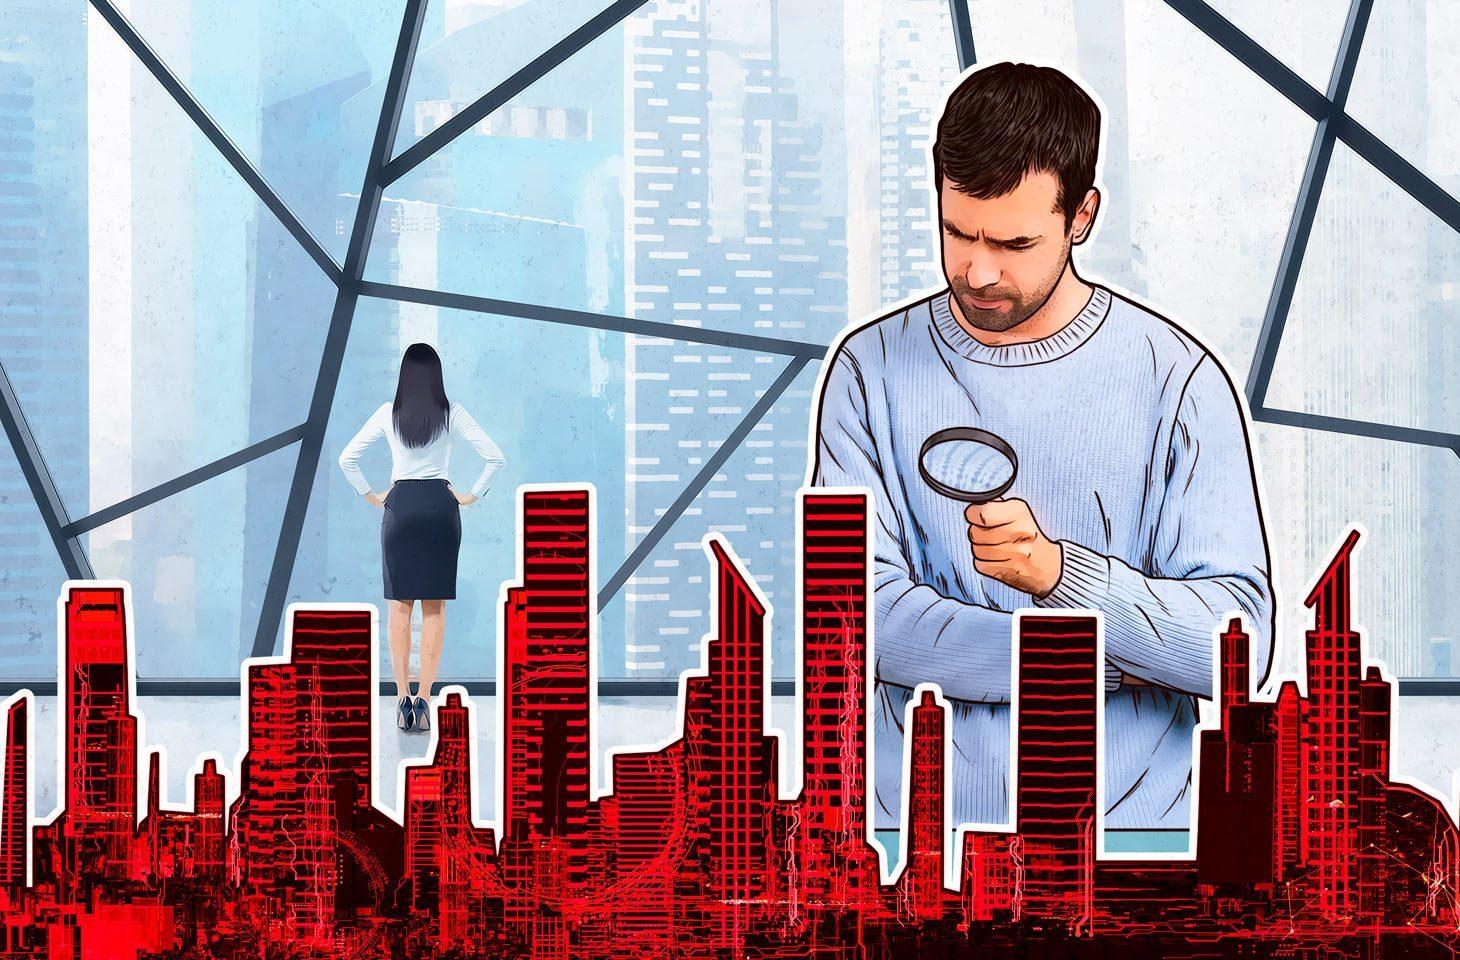 暗号化されてしまった都市